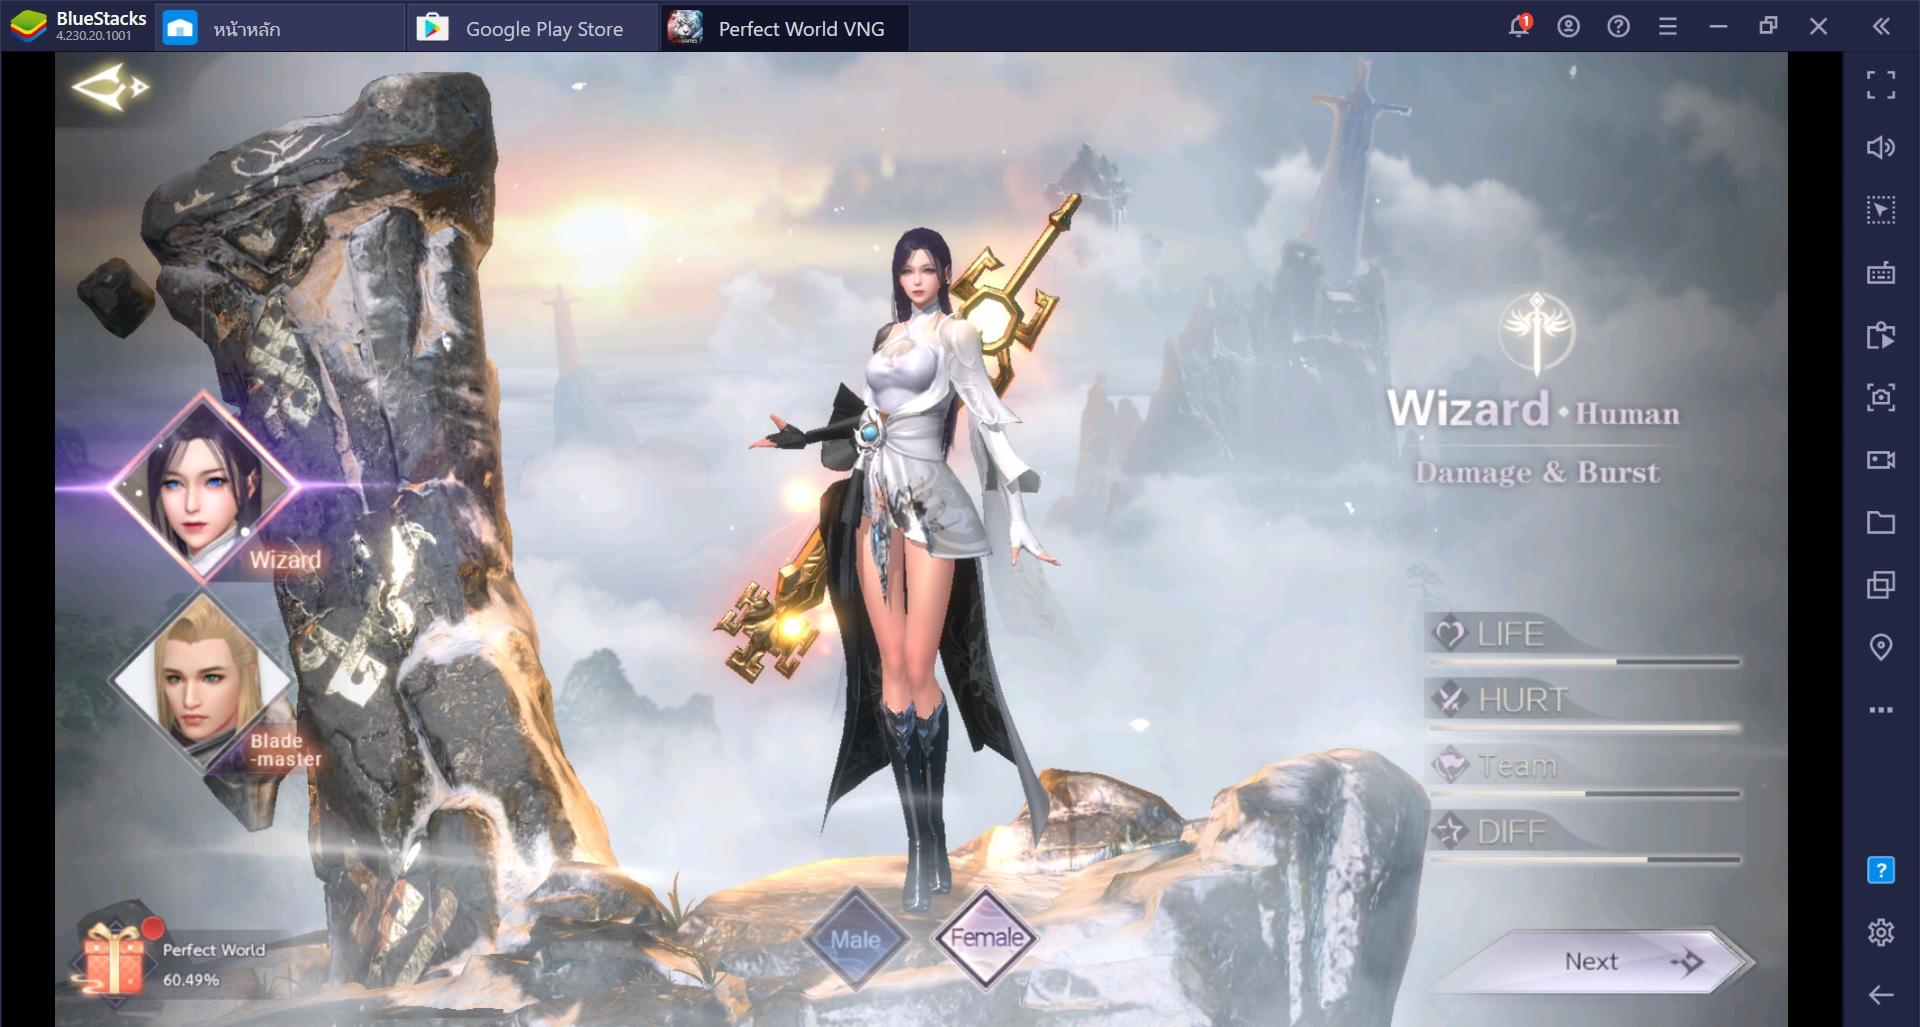 แนะนำอาชีพภายในเกม Perfect World VNG – Fly With Me